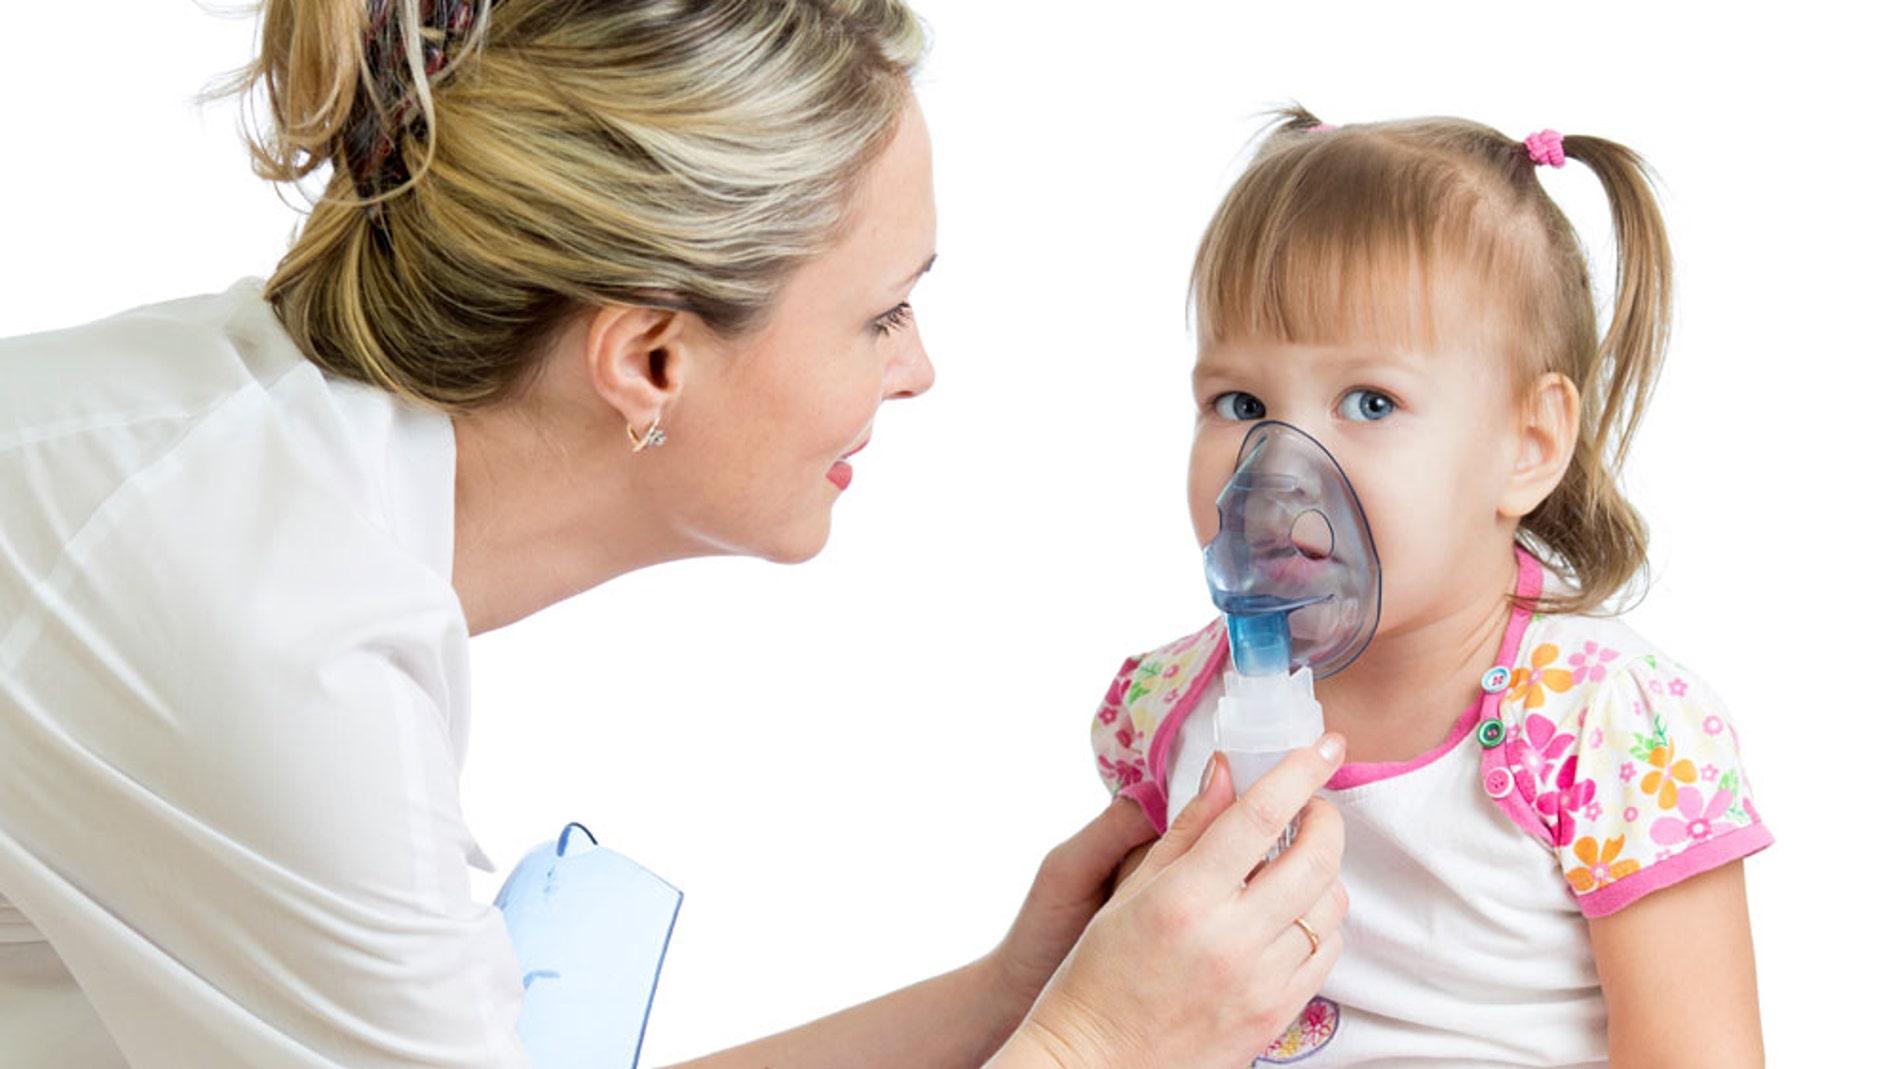 La exposición a la lejía facilita las infecciones en la infancia